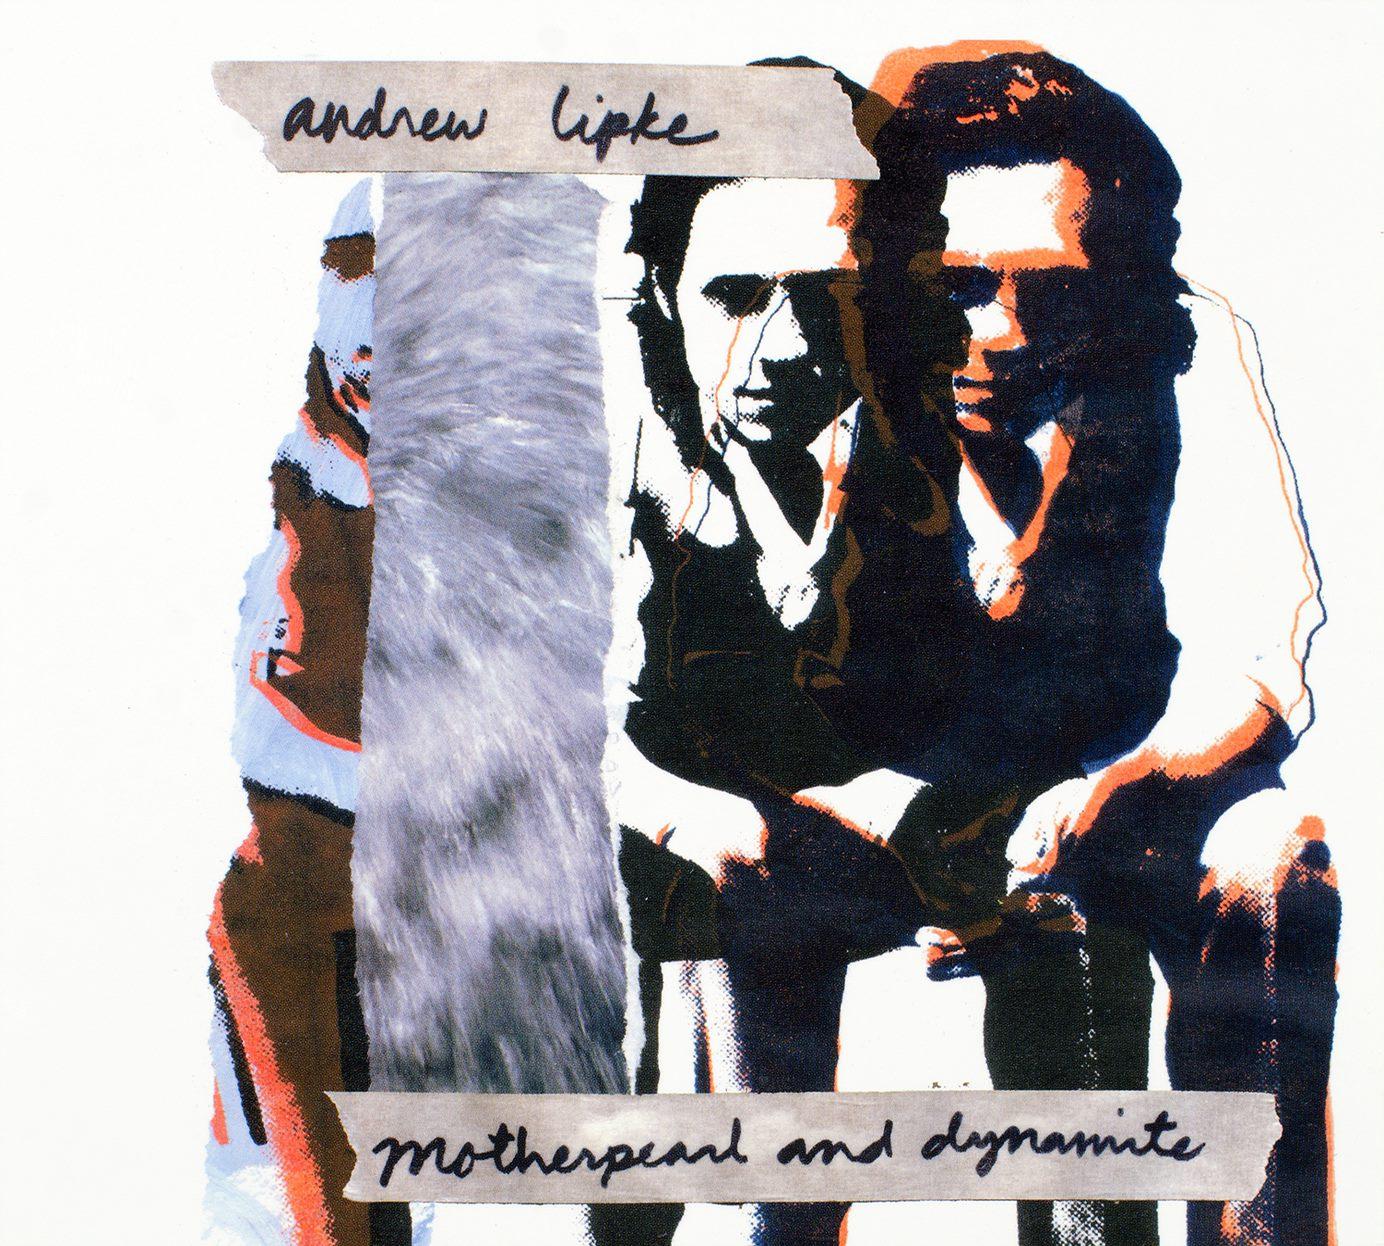 Motherpearl & Dynamite - Andrew Lipke